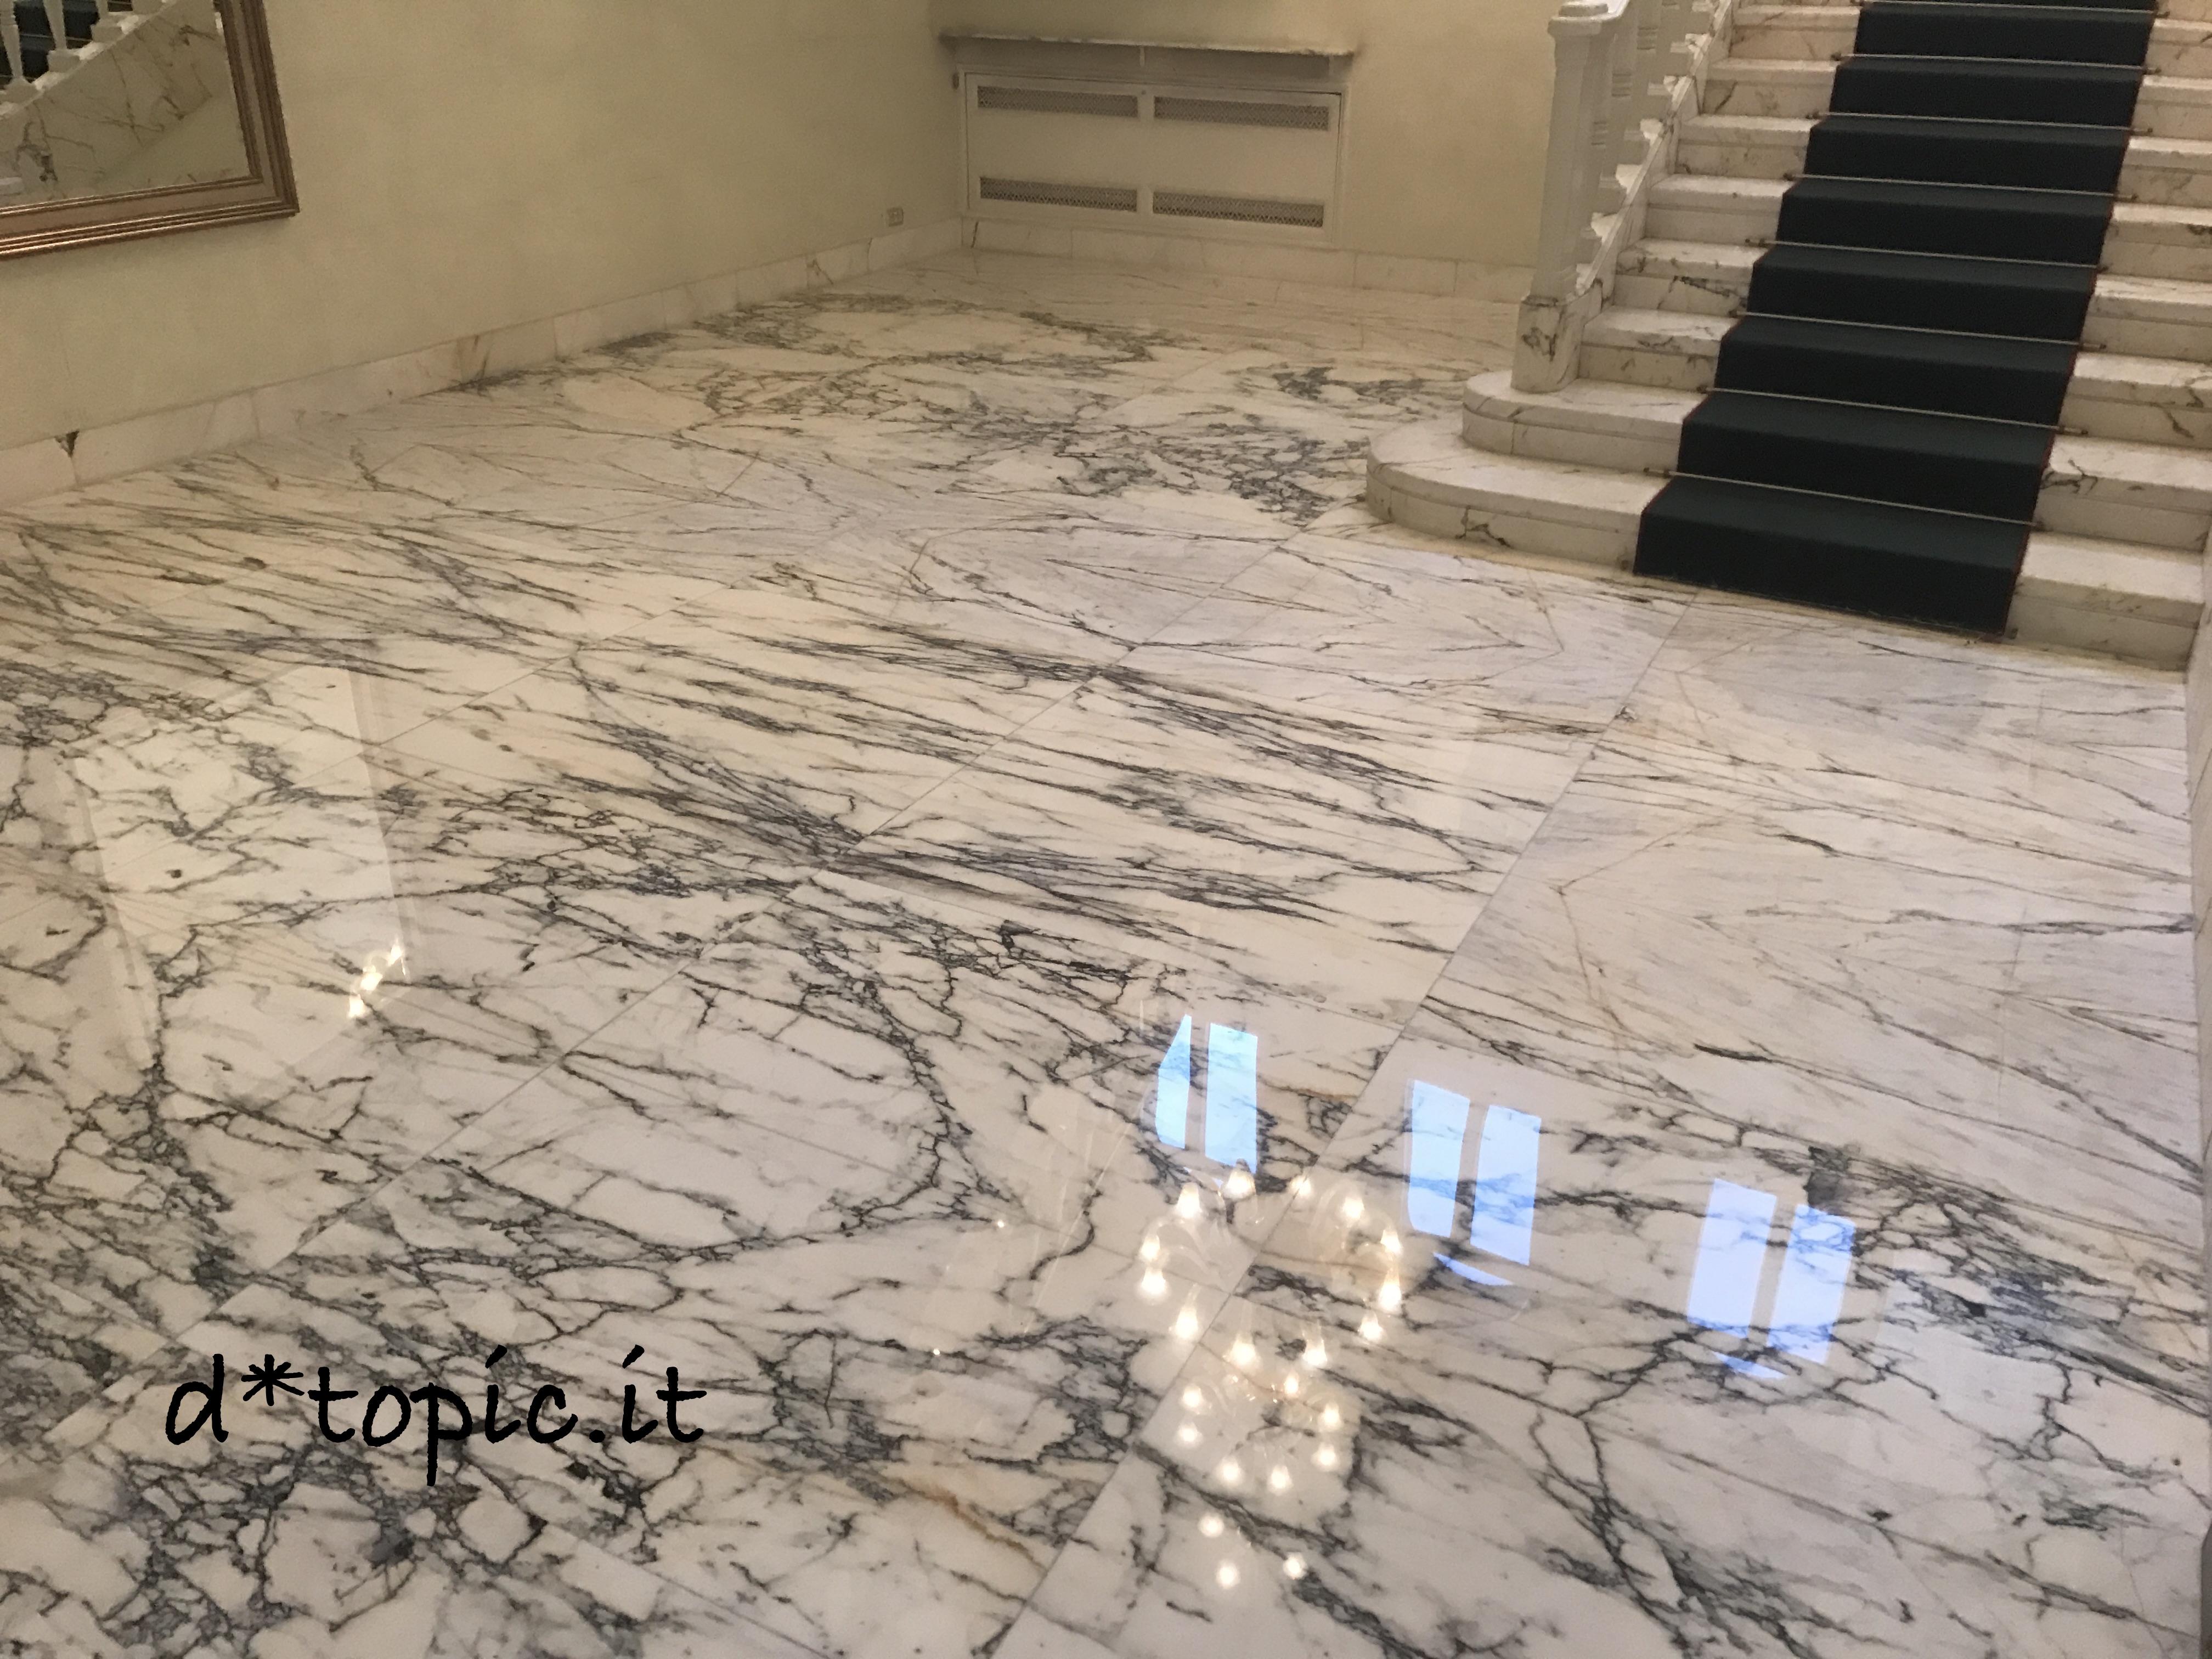 Pavimento Finto Marmo Lucido come mantenere lucido il marmo - d-topic